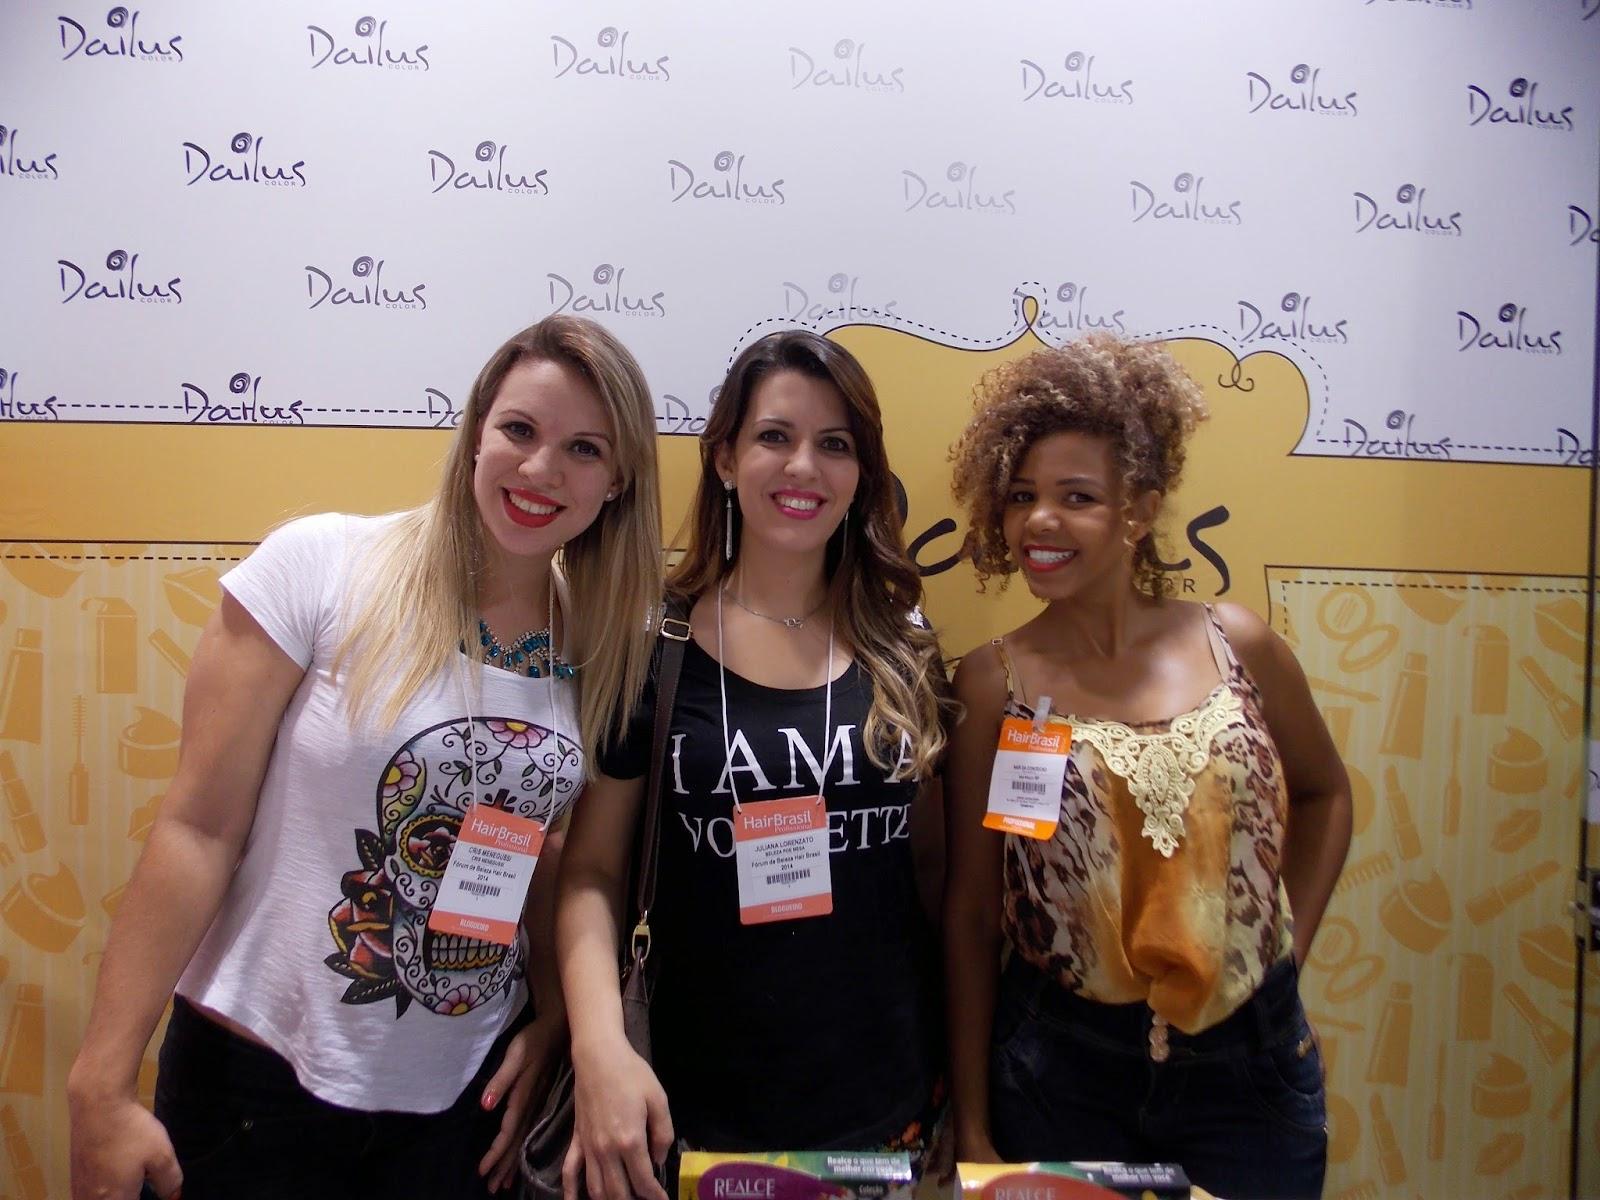 dailus blogueiras hair brasil